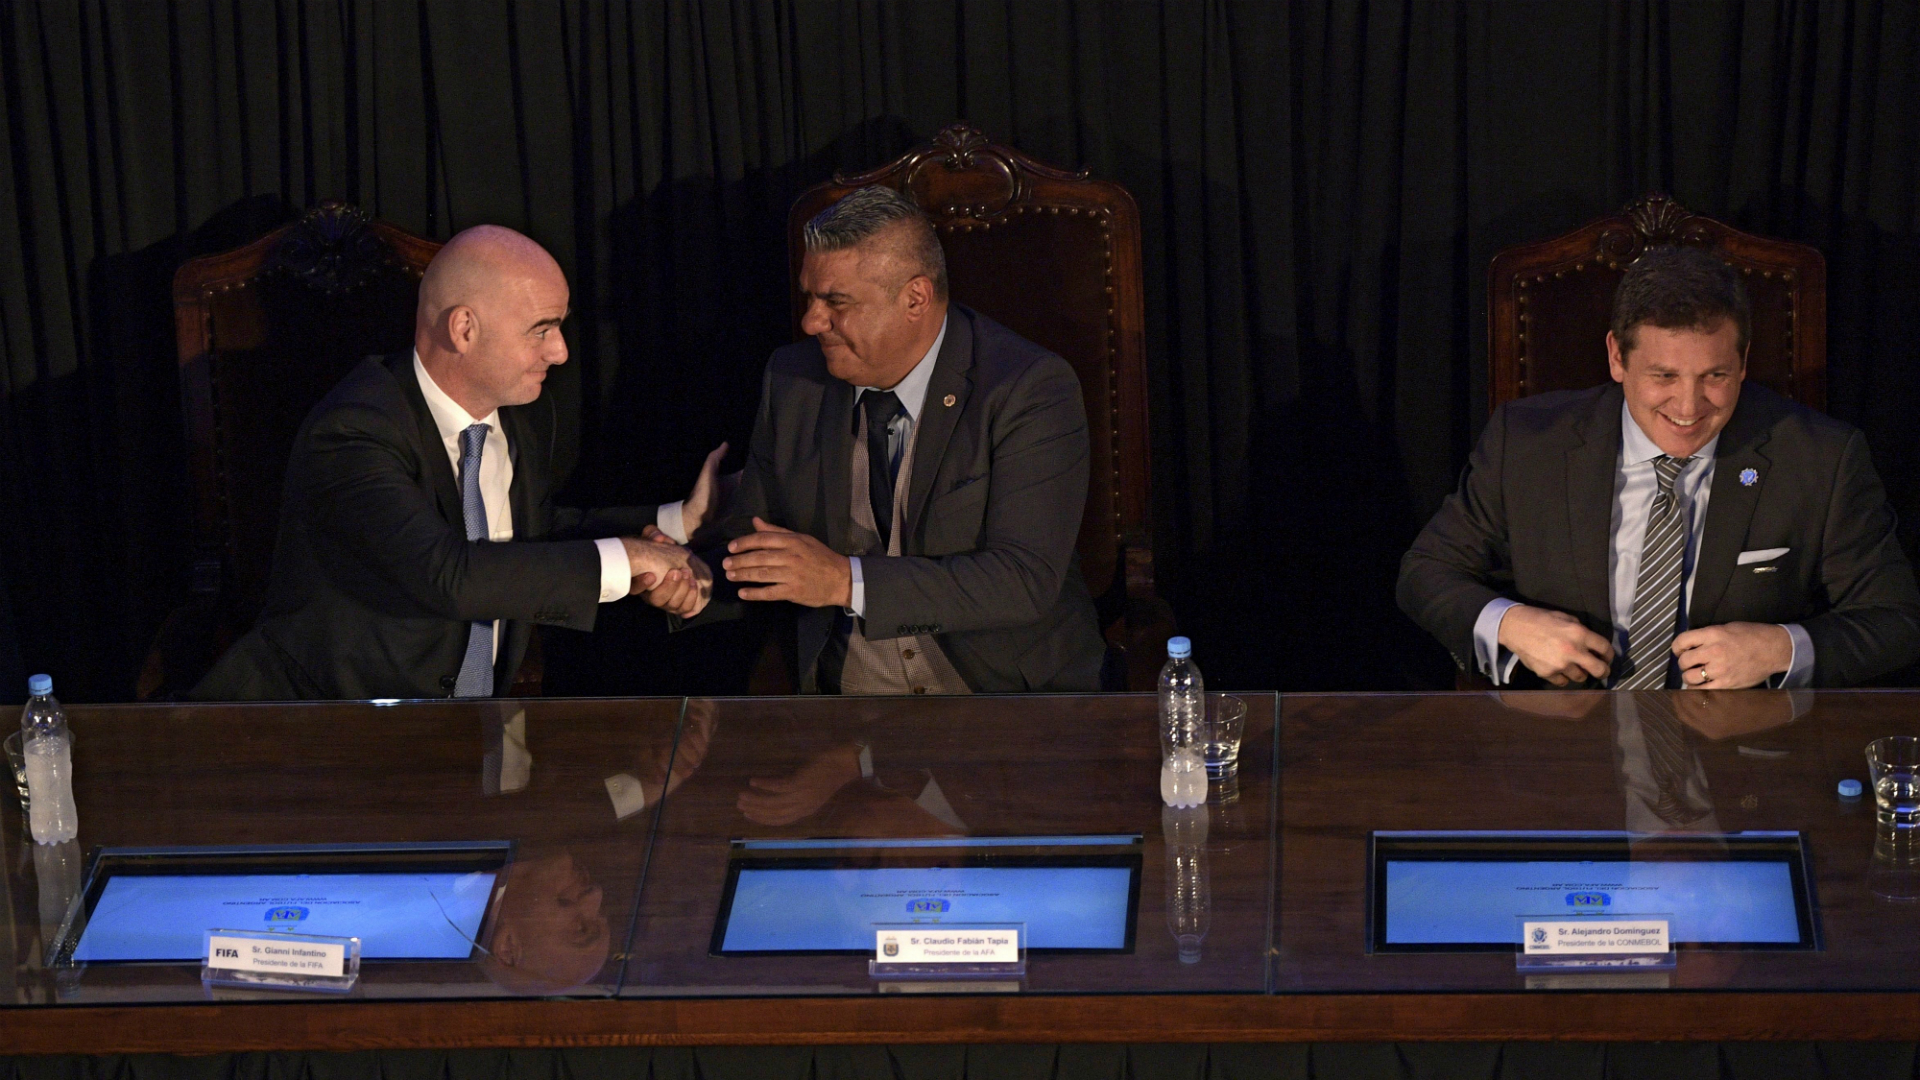 Presidente de la FIFA pide liderazgo de Argentina en fútbol mundial (+audio)